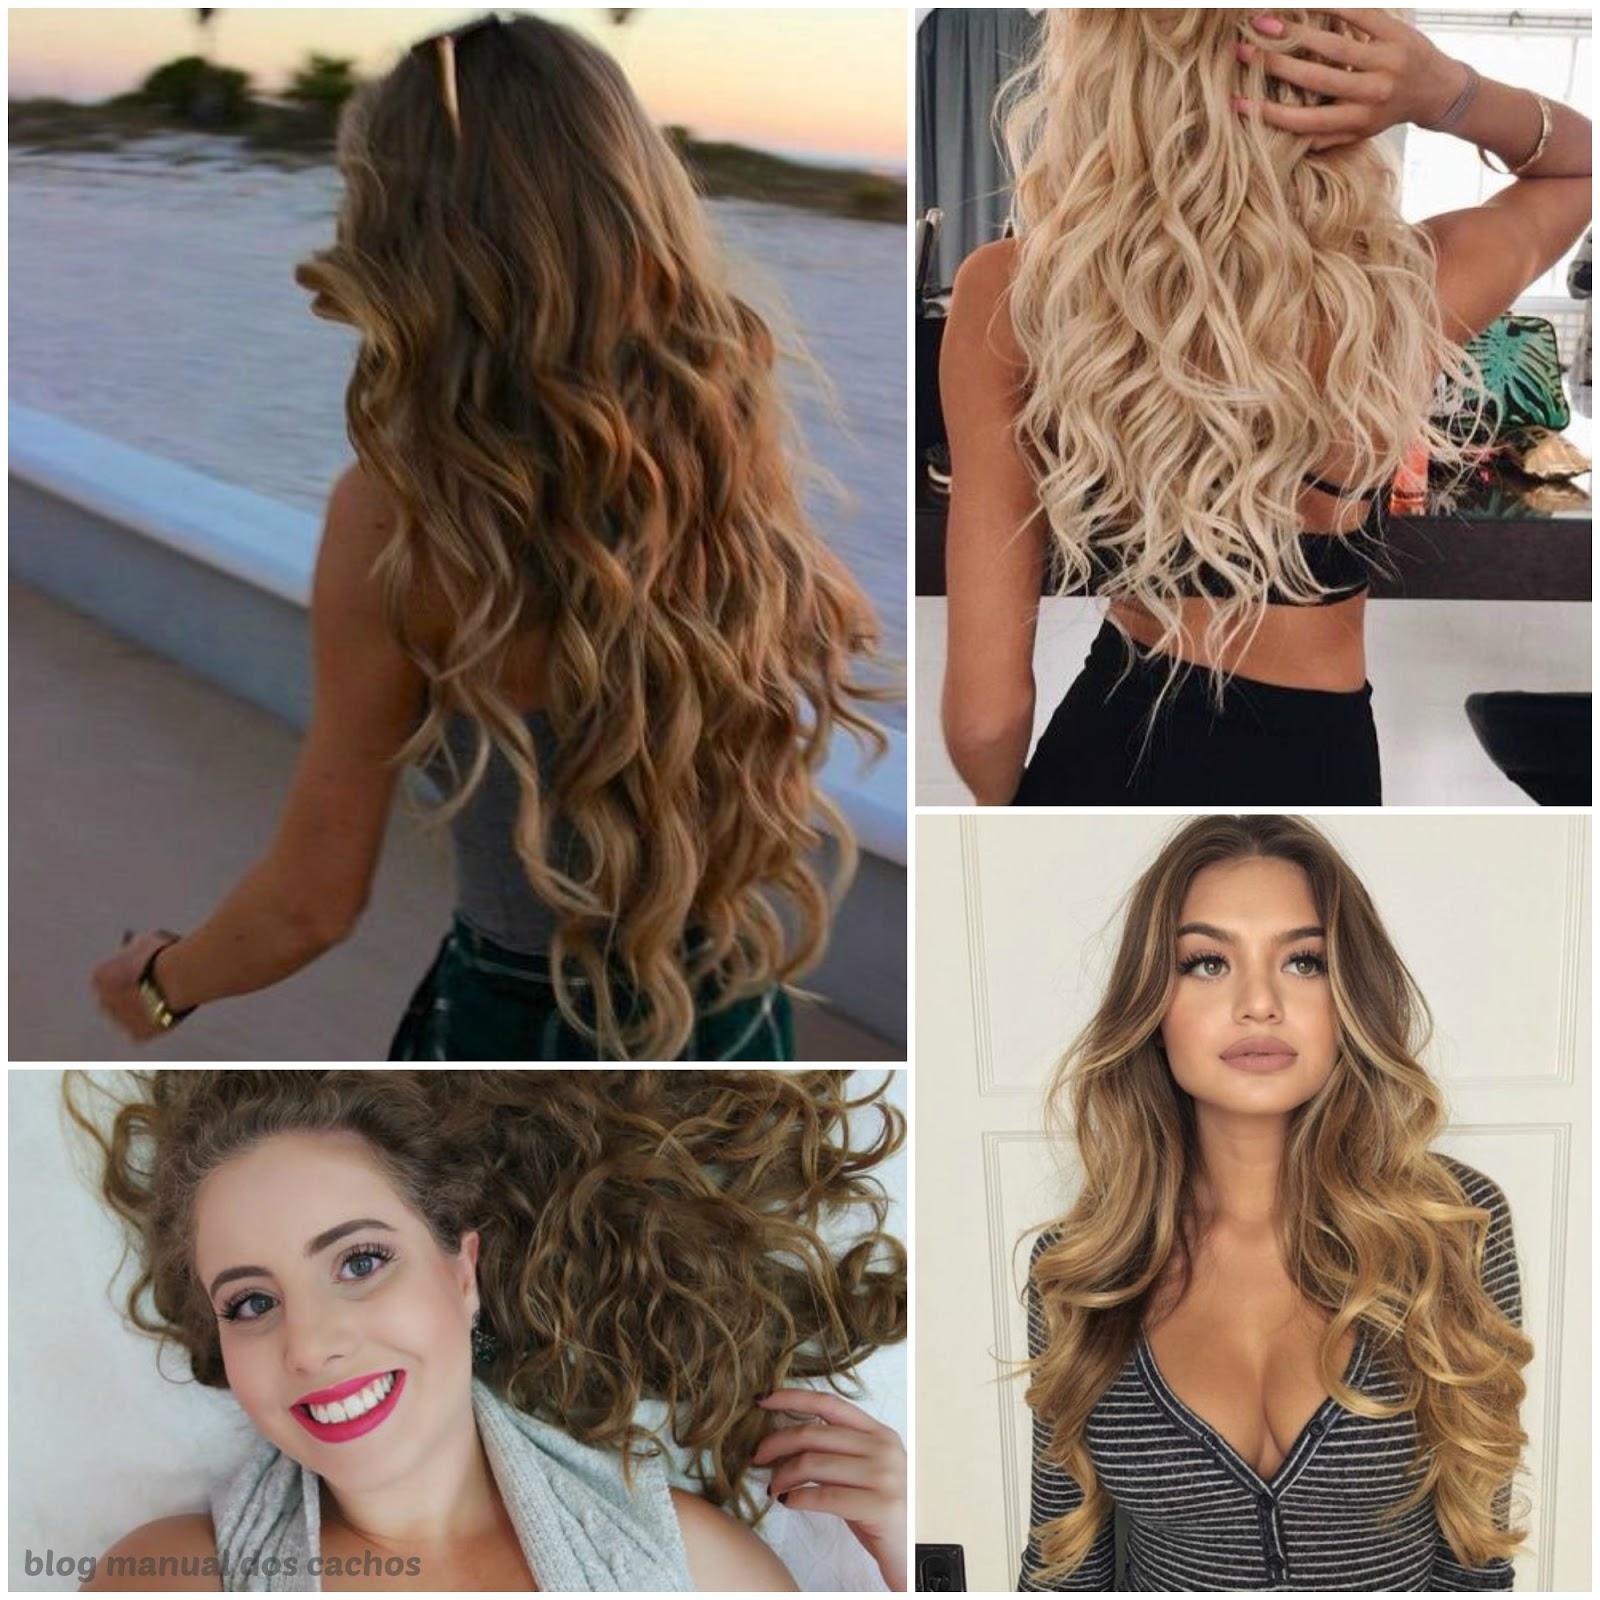 Dicas para cabelos ondulados - Tipo 2